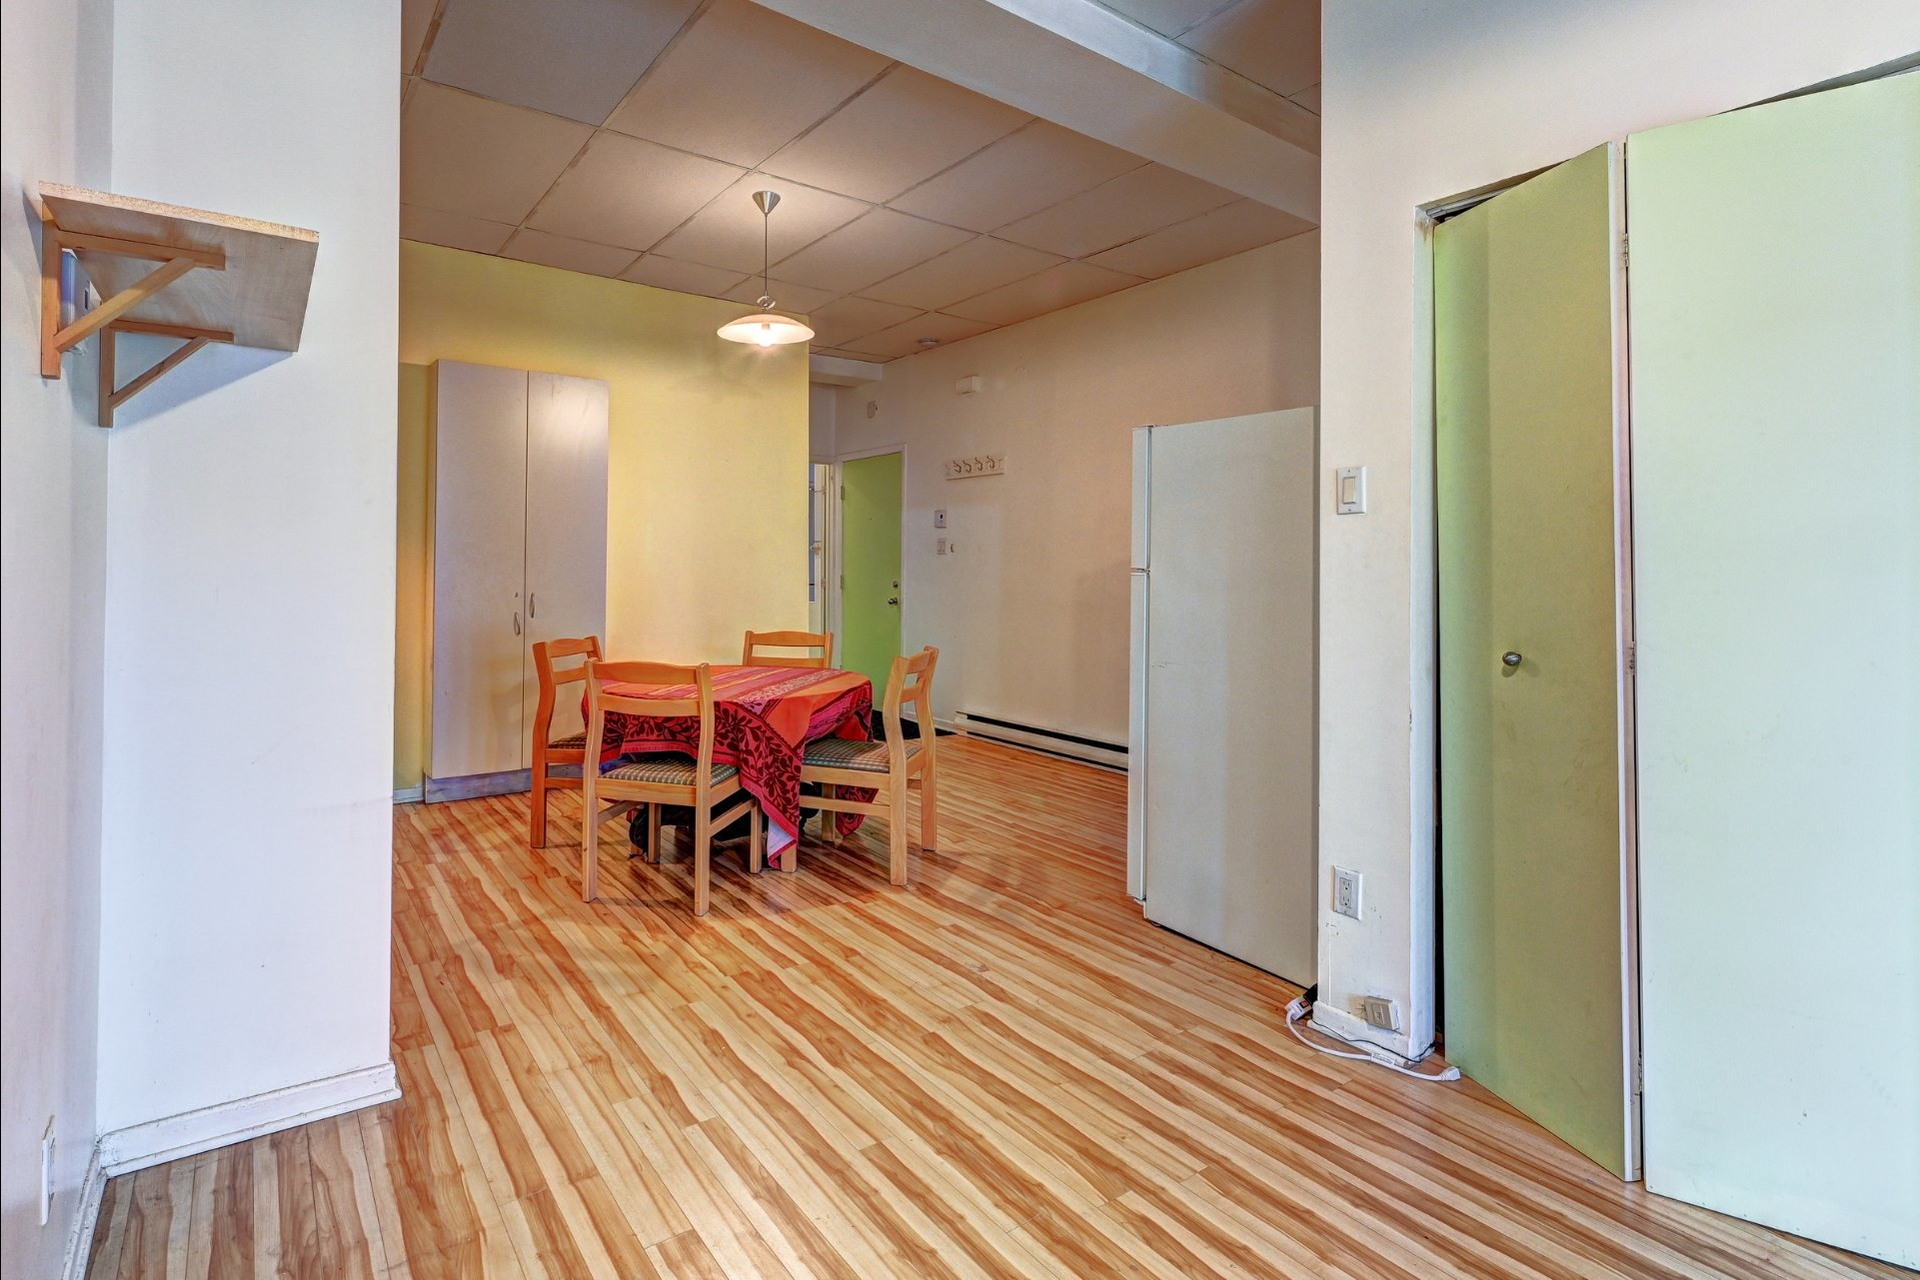 image 17 - Quadruplex For sale Ville-Marie Montréal  - 4 rooms